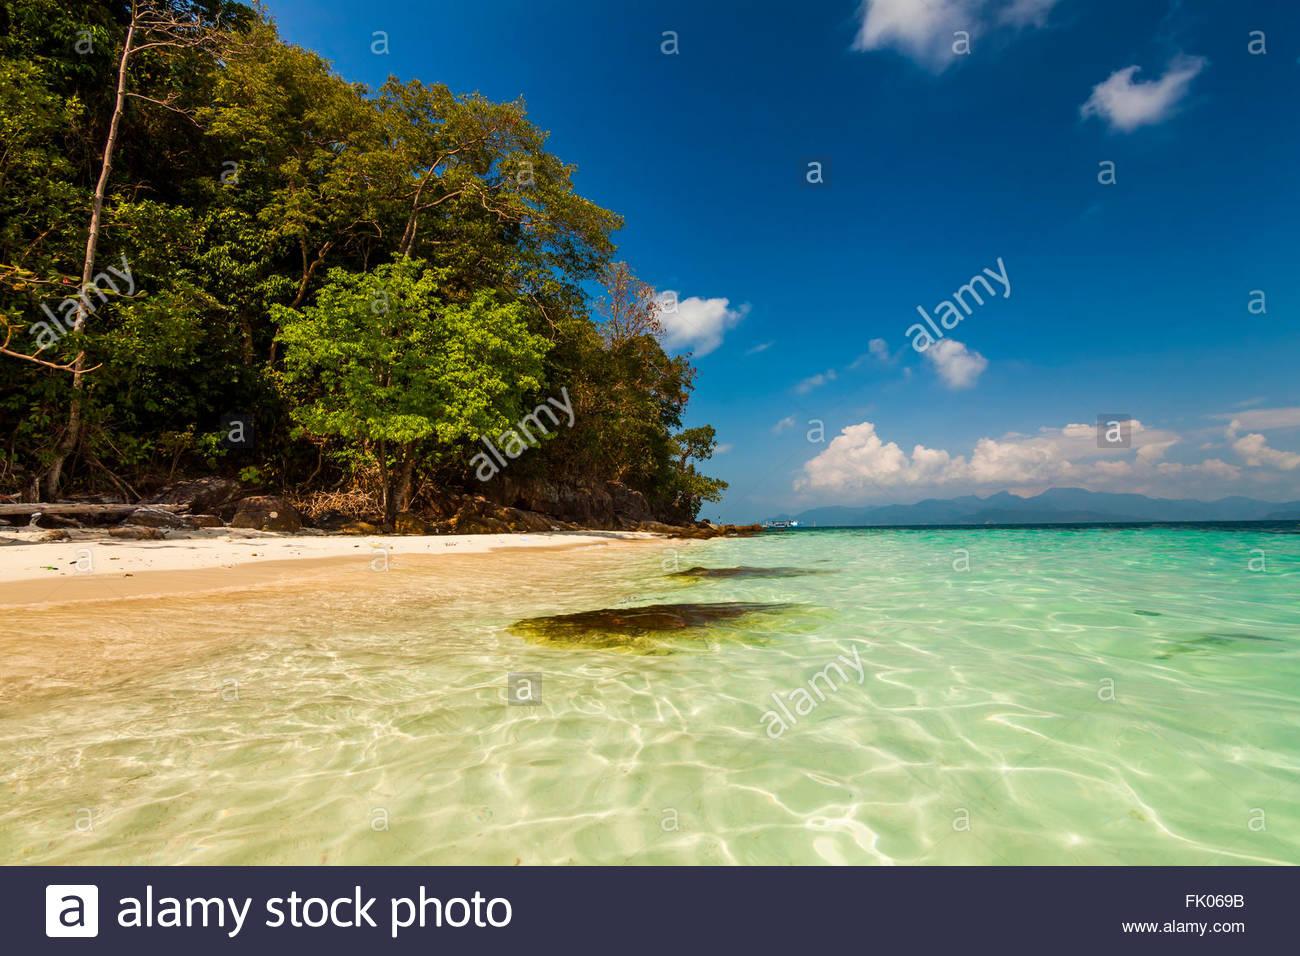 Tropical avec des cocotiers et plage de sable. Koh Chang. La Thaïlande. Photo Stock